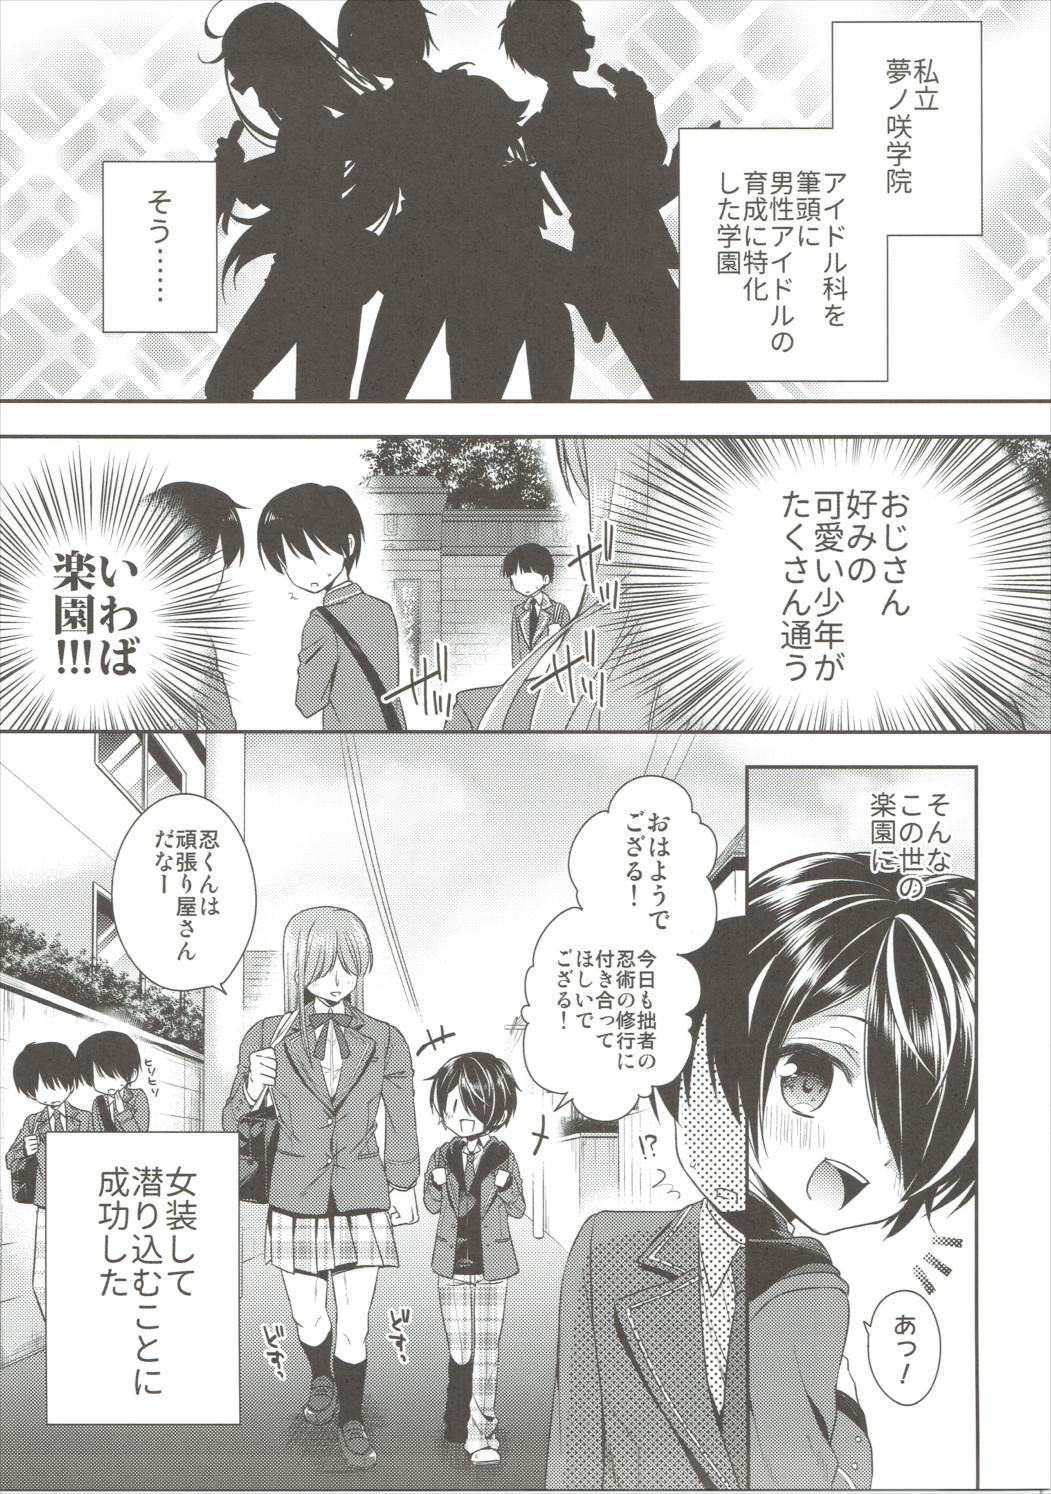 Shinobu-kun ga Kawaisugiru no ga Ikenai!! 3